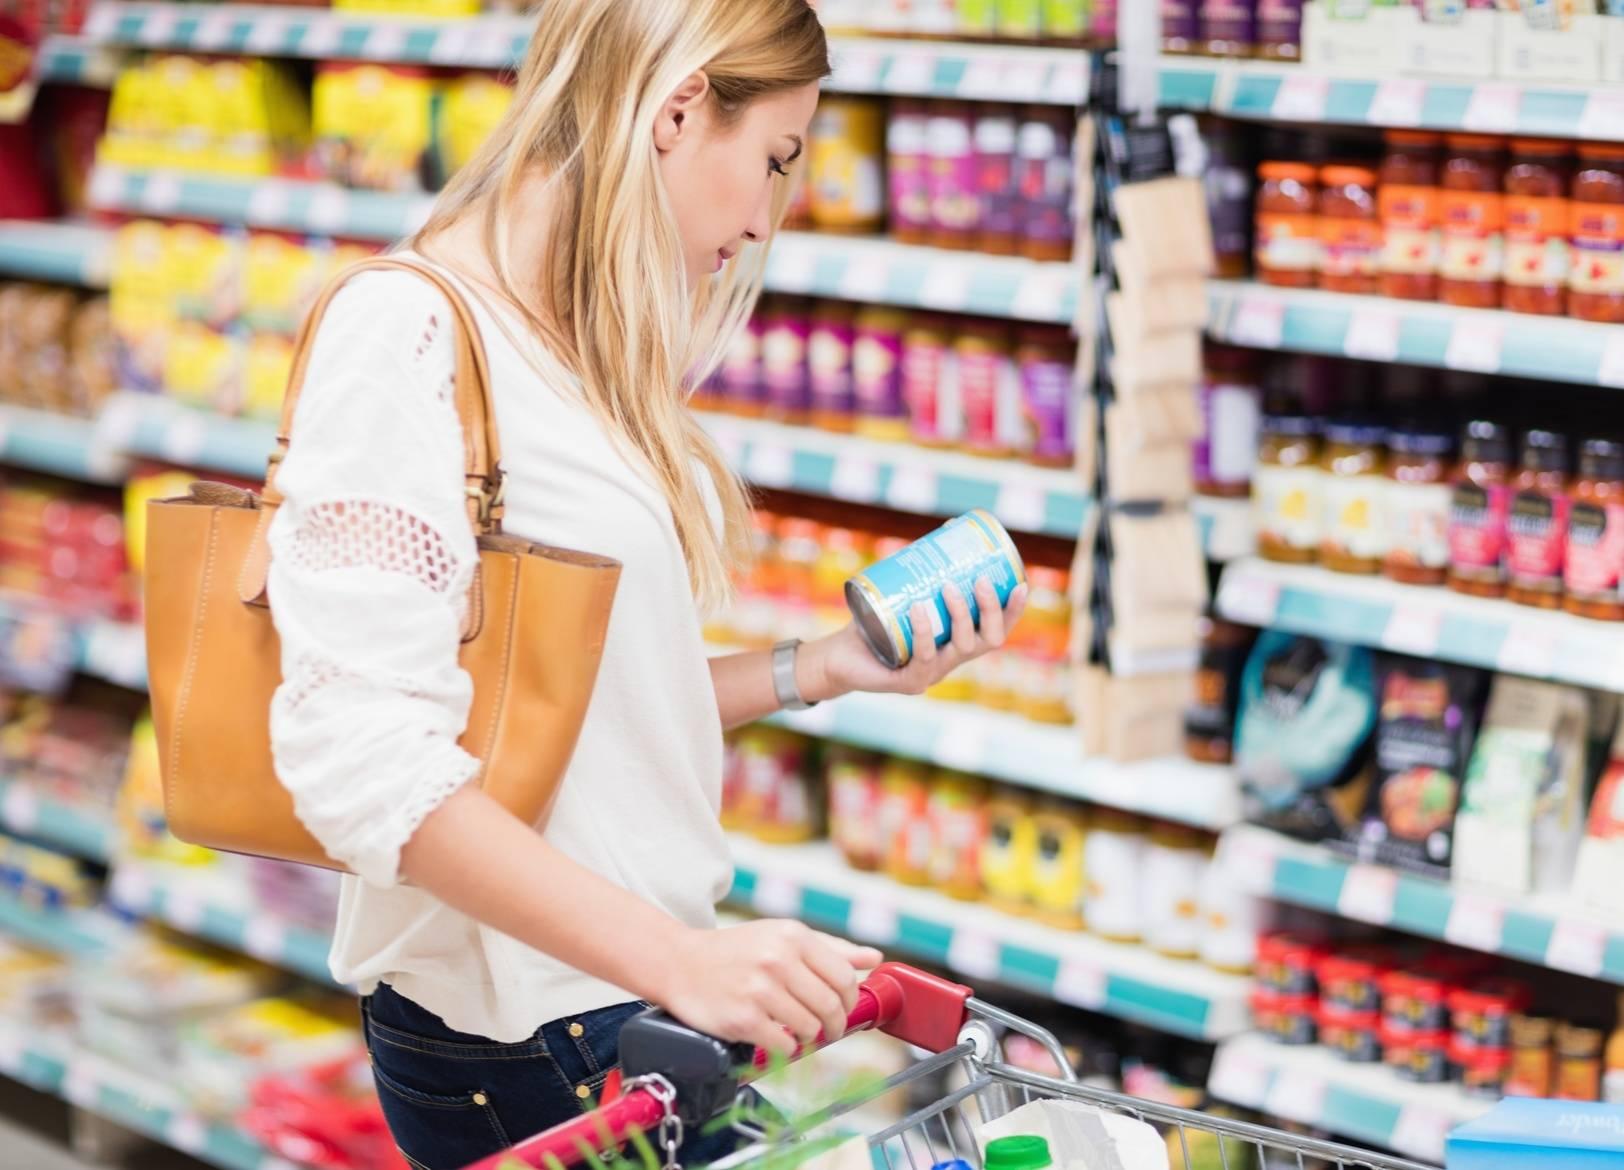 Syrop glukozowo-fruktozowy - jak czytać skład produktów?